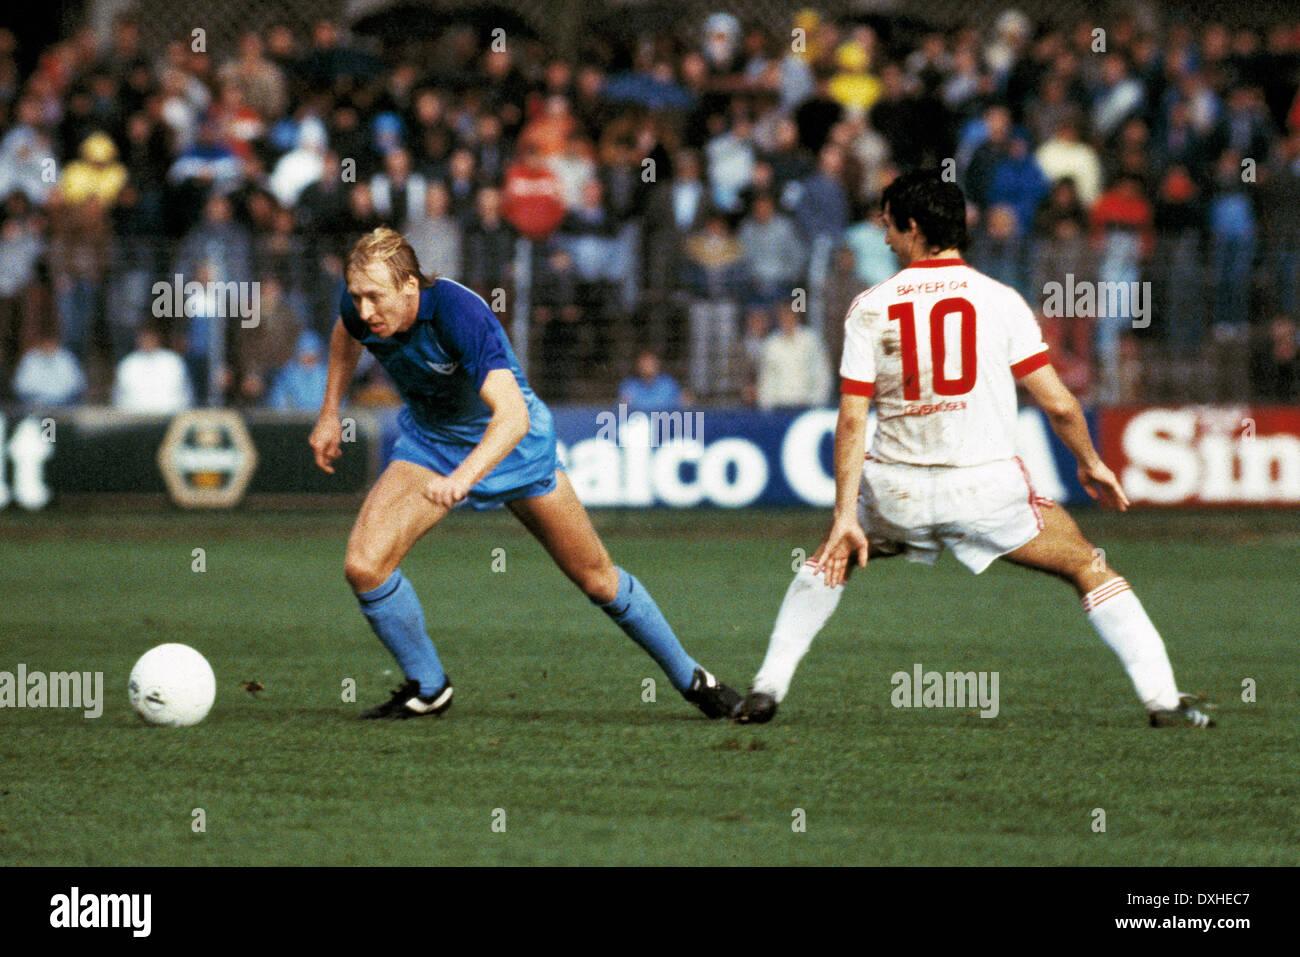 football, Bundesliga, 1983/1984, Grotenburg Stadium, FC Bayer 05 Uerdingen versus Bayer 04 Leverkusen 2:1, scene of the match, Christian Sackewitz (Uerdingen) in ball possession, right Herbert Waas (Leverkusen) - Stock Image